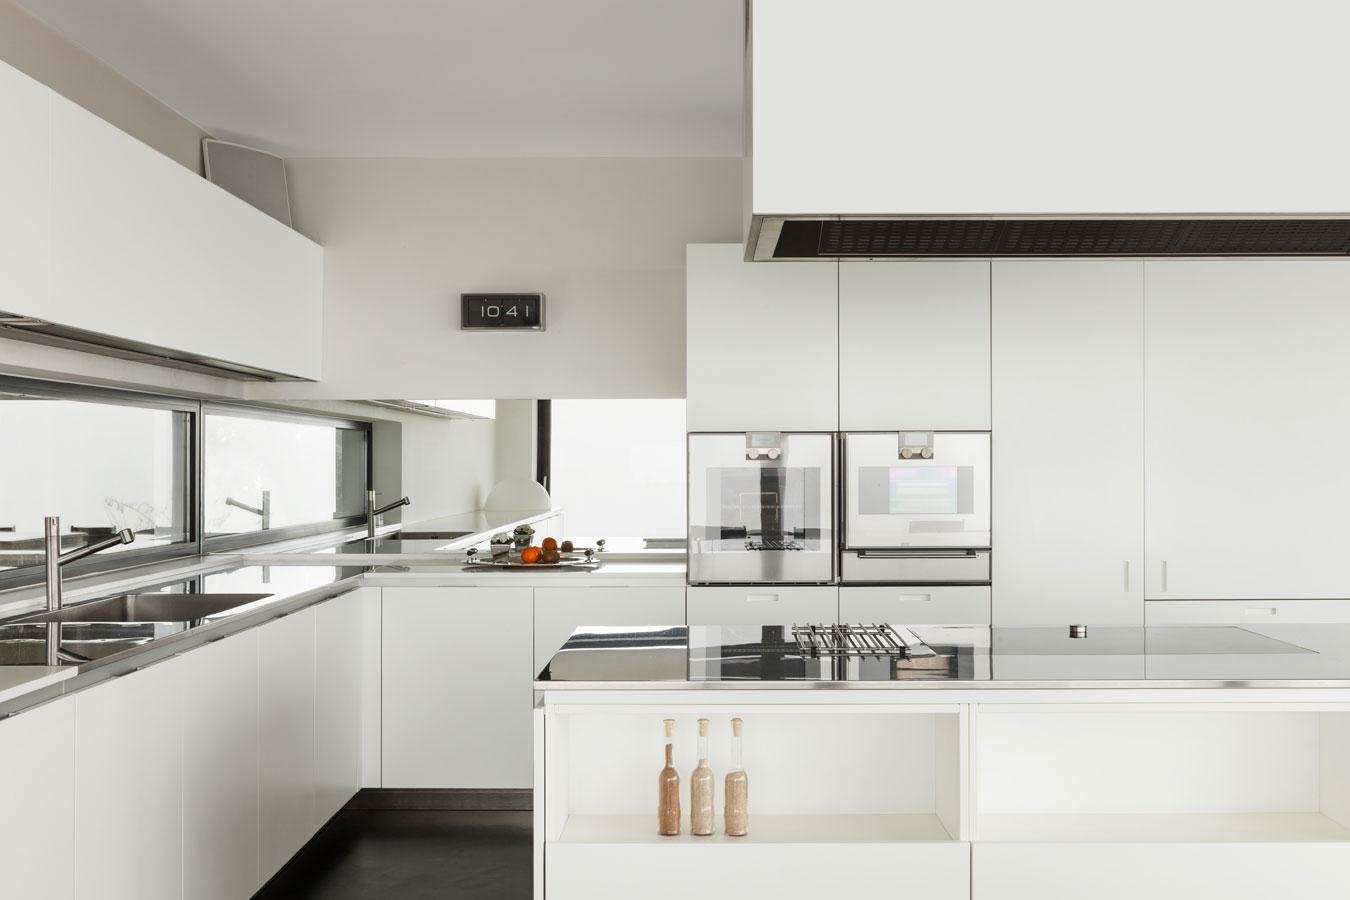 Keuken ideen  Tips keukens ontwerpen  Inspiratie fotos